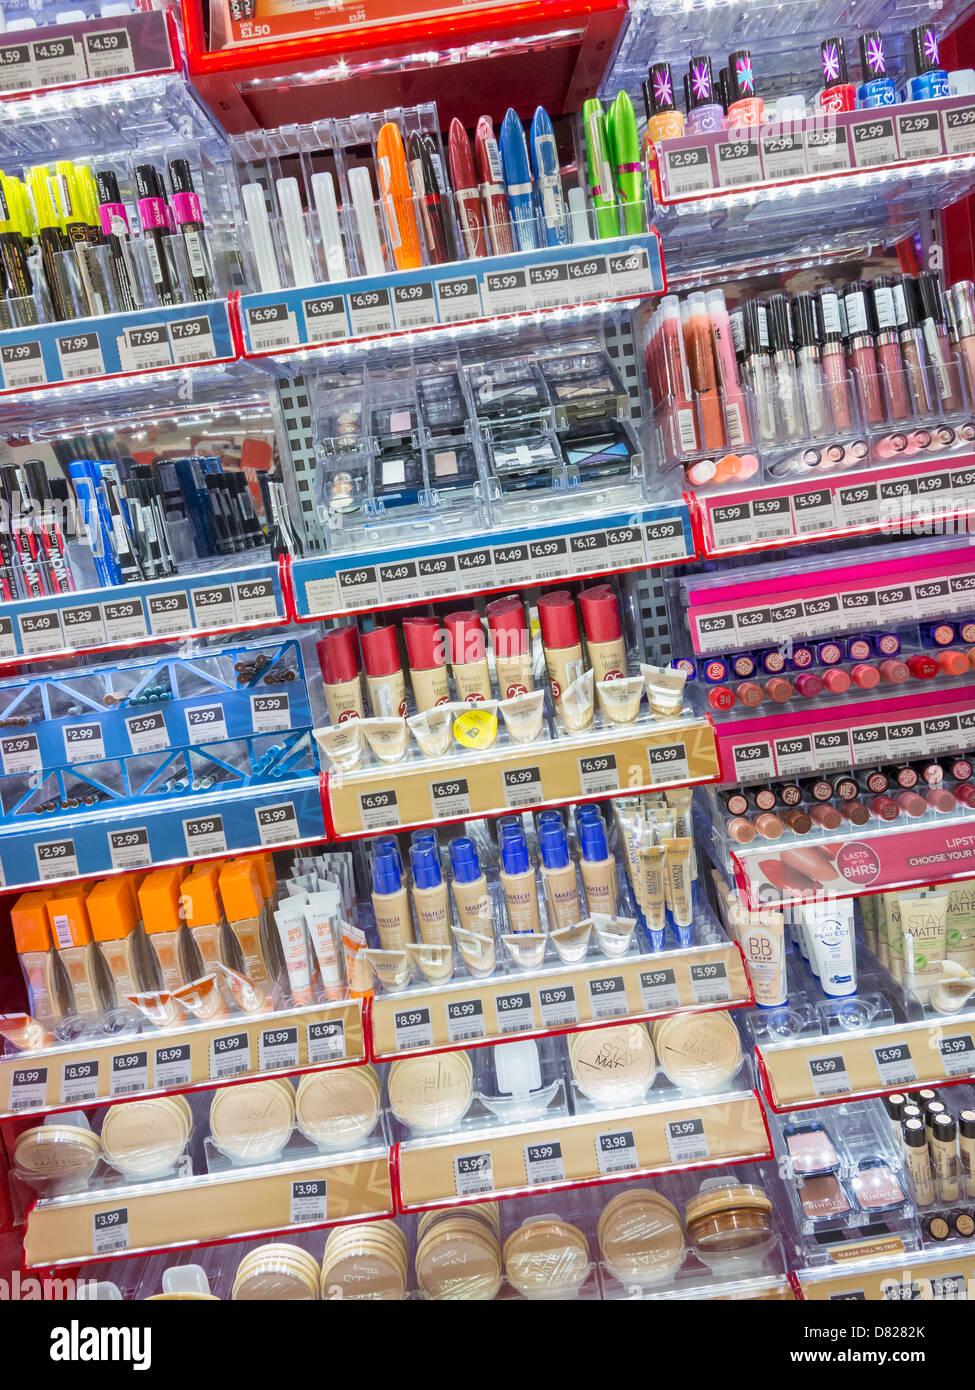 Cosmetics on the shelves of a UK supermarket, UK - Stock Image